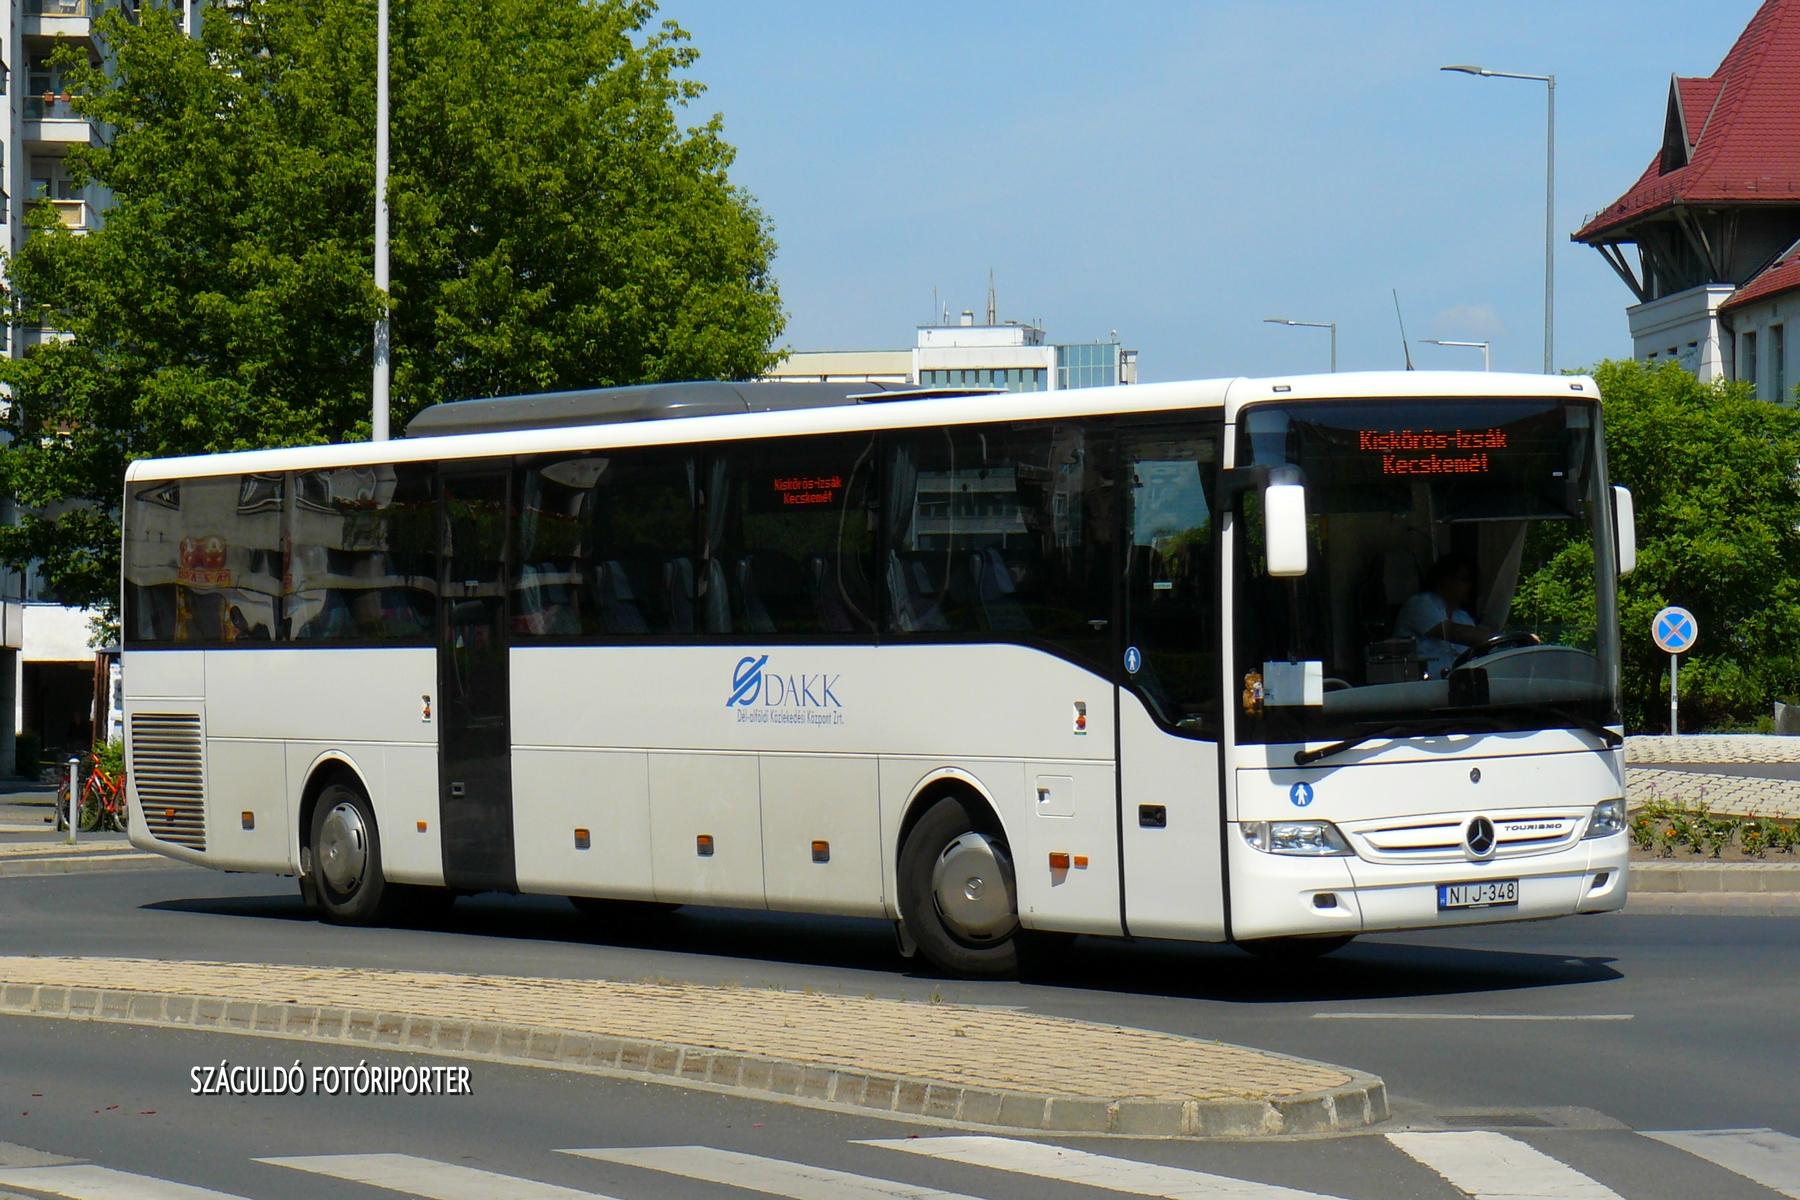 Helyközi feladatokat is végeznek a buszokkal